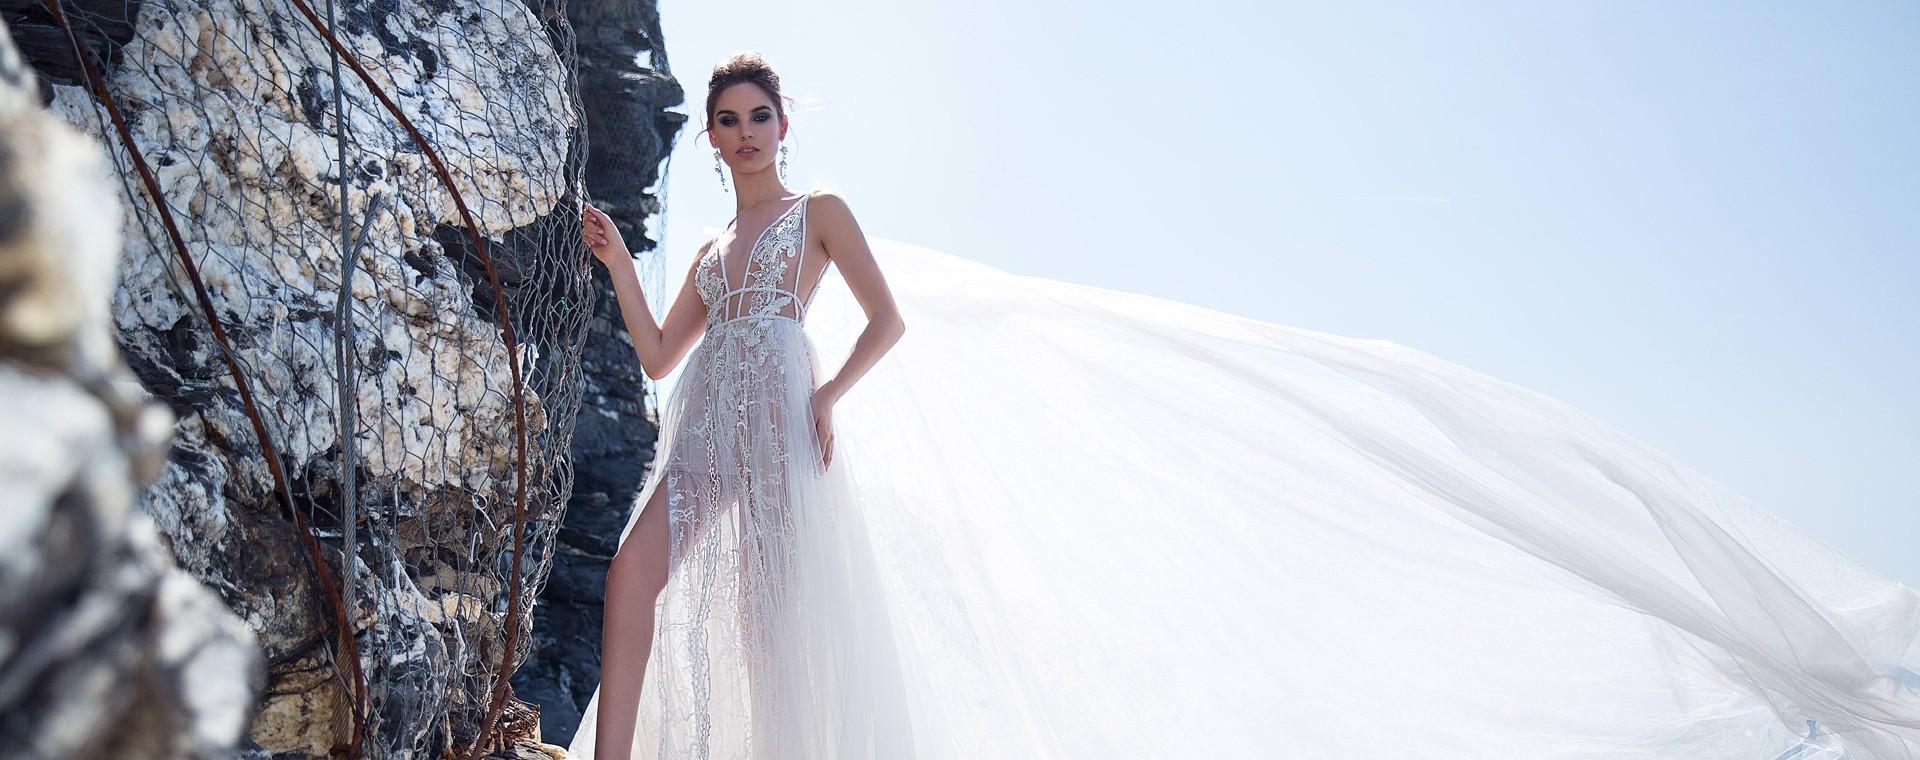 50de6a31c56 Свадебные платья от кутюр  в чем уникальность · NEVESTA.MOSCOW